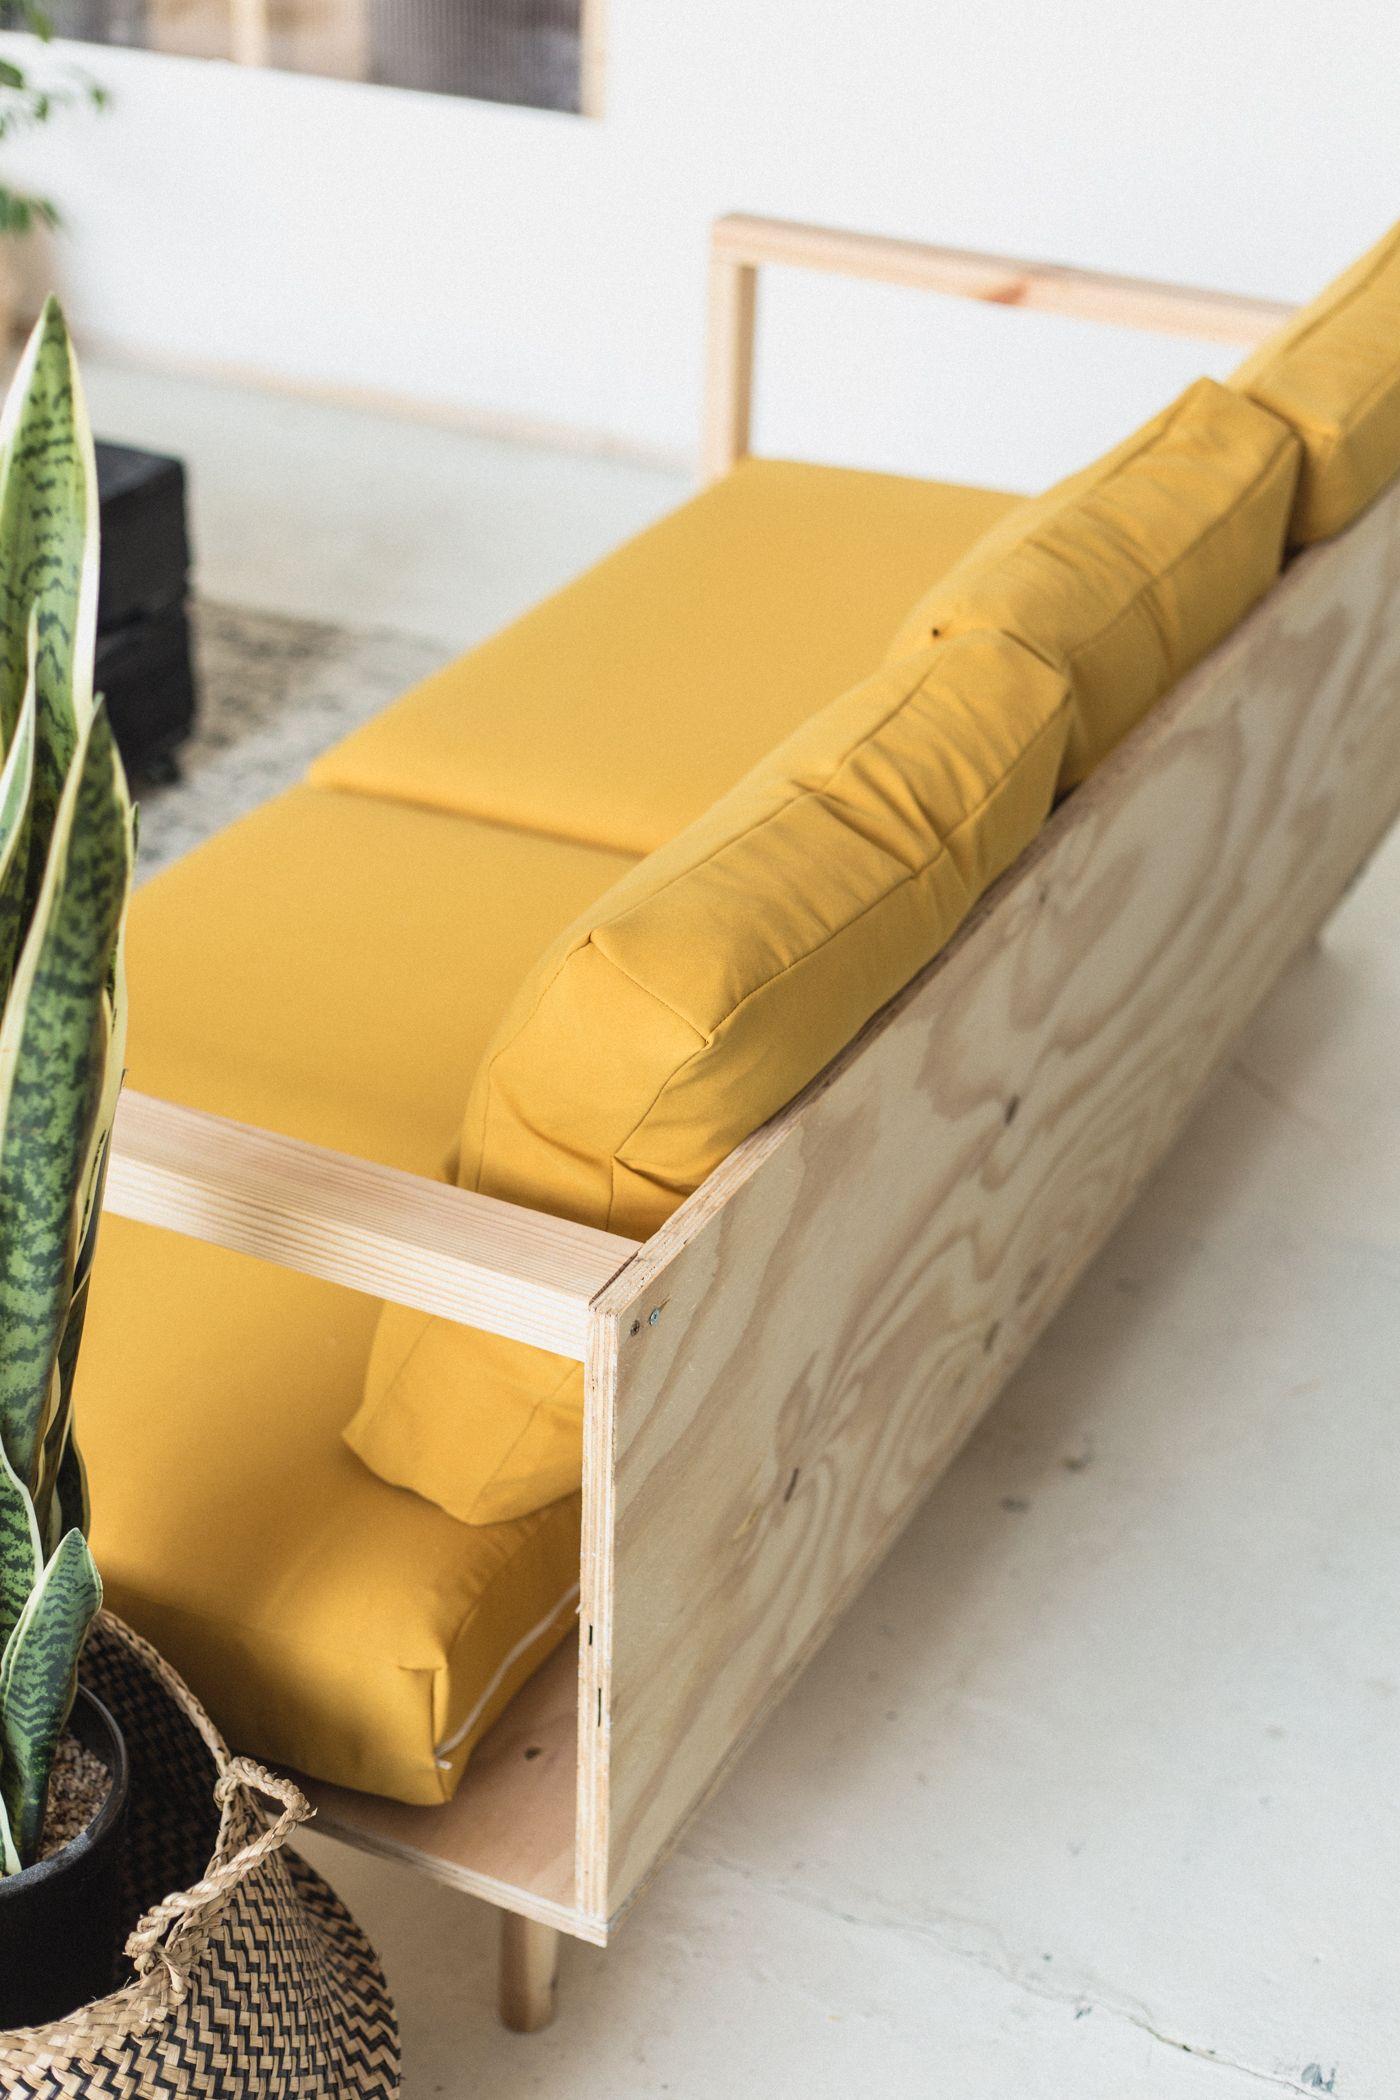 456cacaabfd9d85ab1068a75c60d8f5d Meilleur De De Mr Bricolage Salon De Jardin Concept